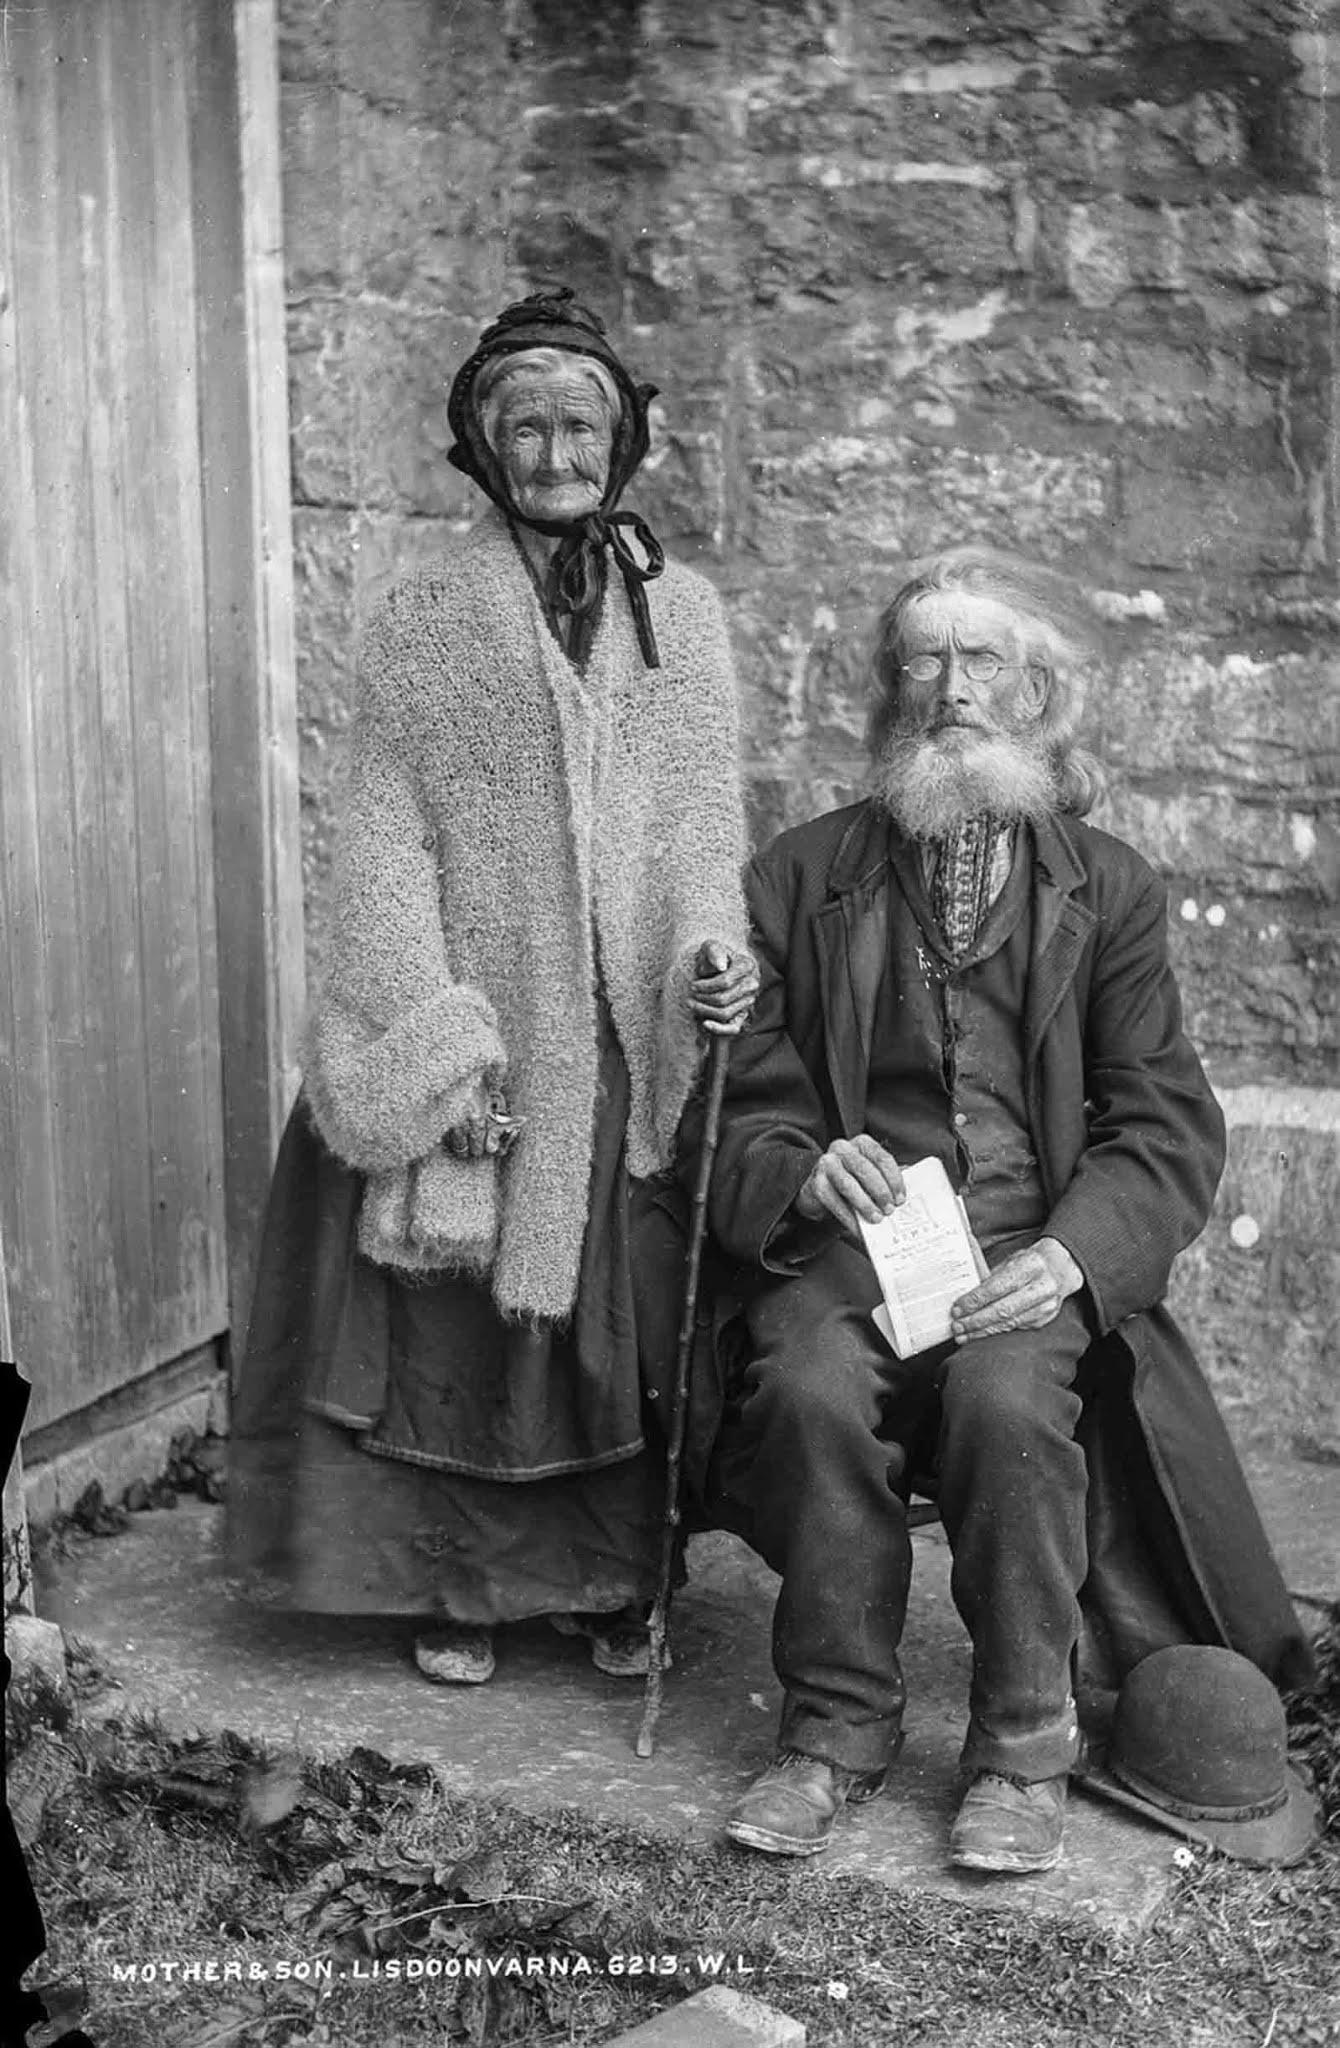 Gente de la vieja Irlanda en fotografías raras, 1885-1925